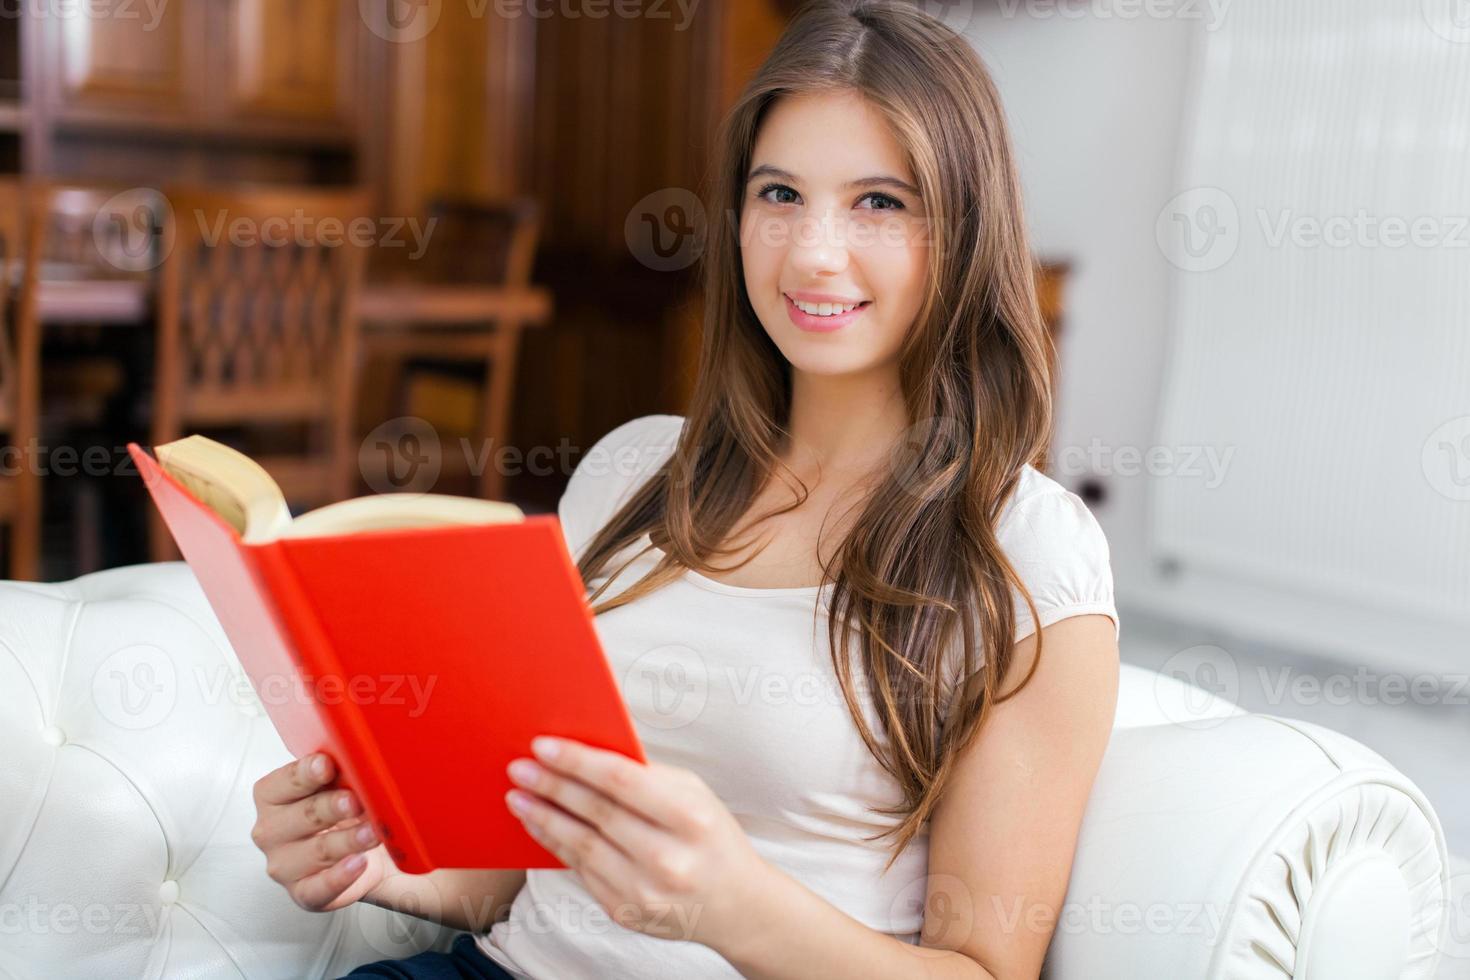 femme lisant un livre tout en se relaxant sur le canapé photo